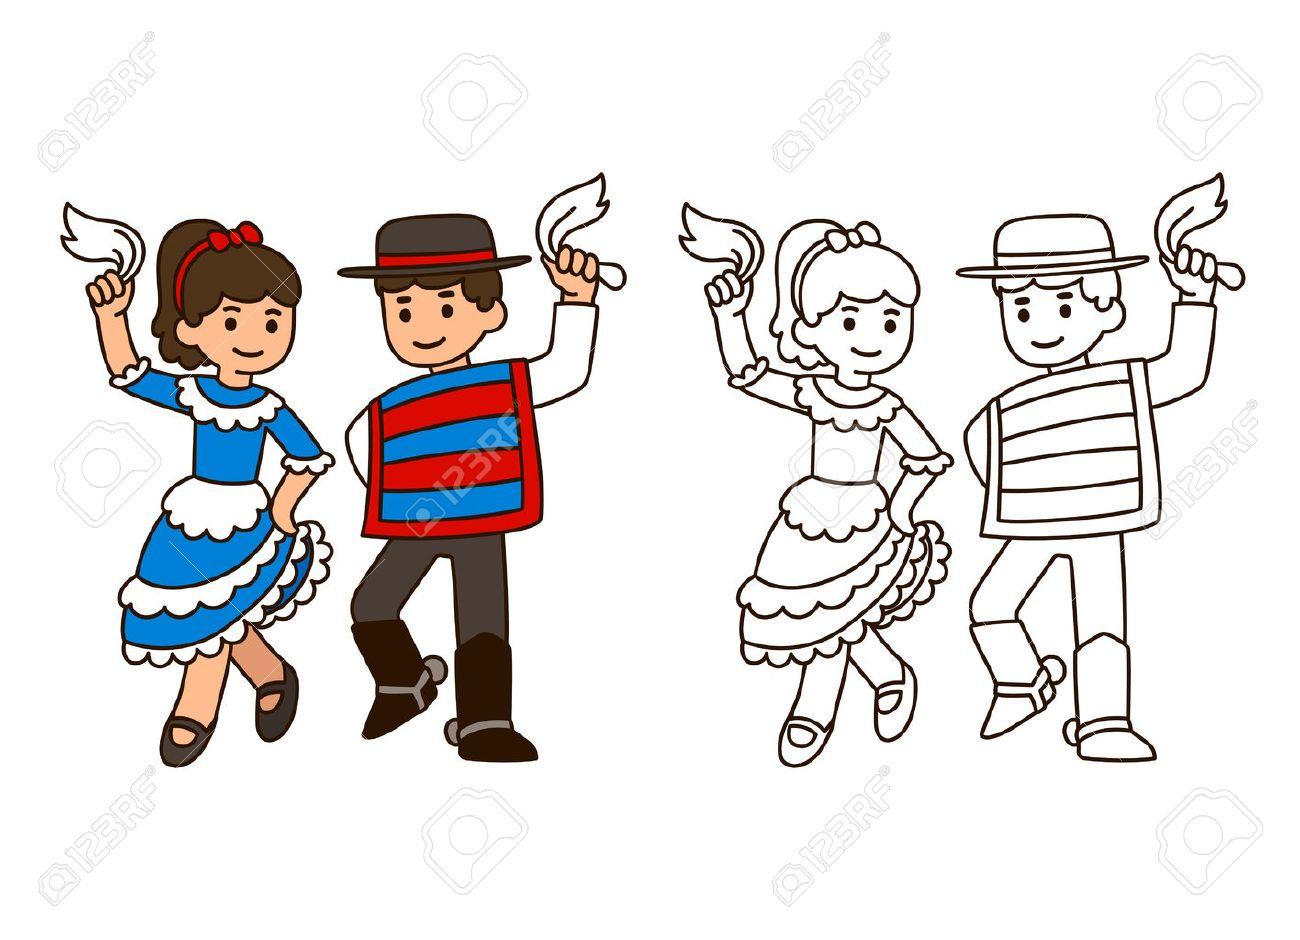 Niños De Dibujos Animados Que Bailan La Cueca La Danza Tradicional En Chile Niño Y Niña Pareja En Trajes Nacionales Modelo Para La Ilustración